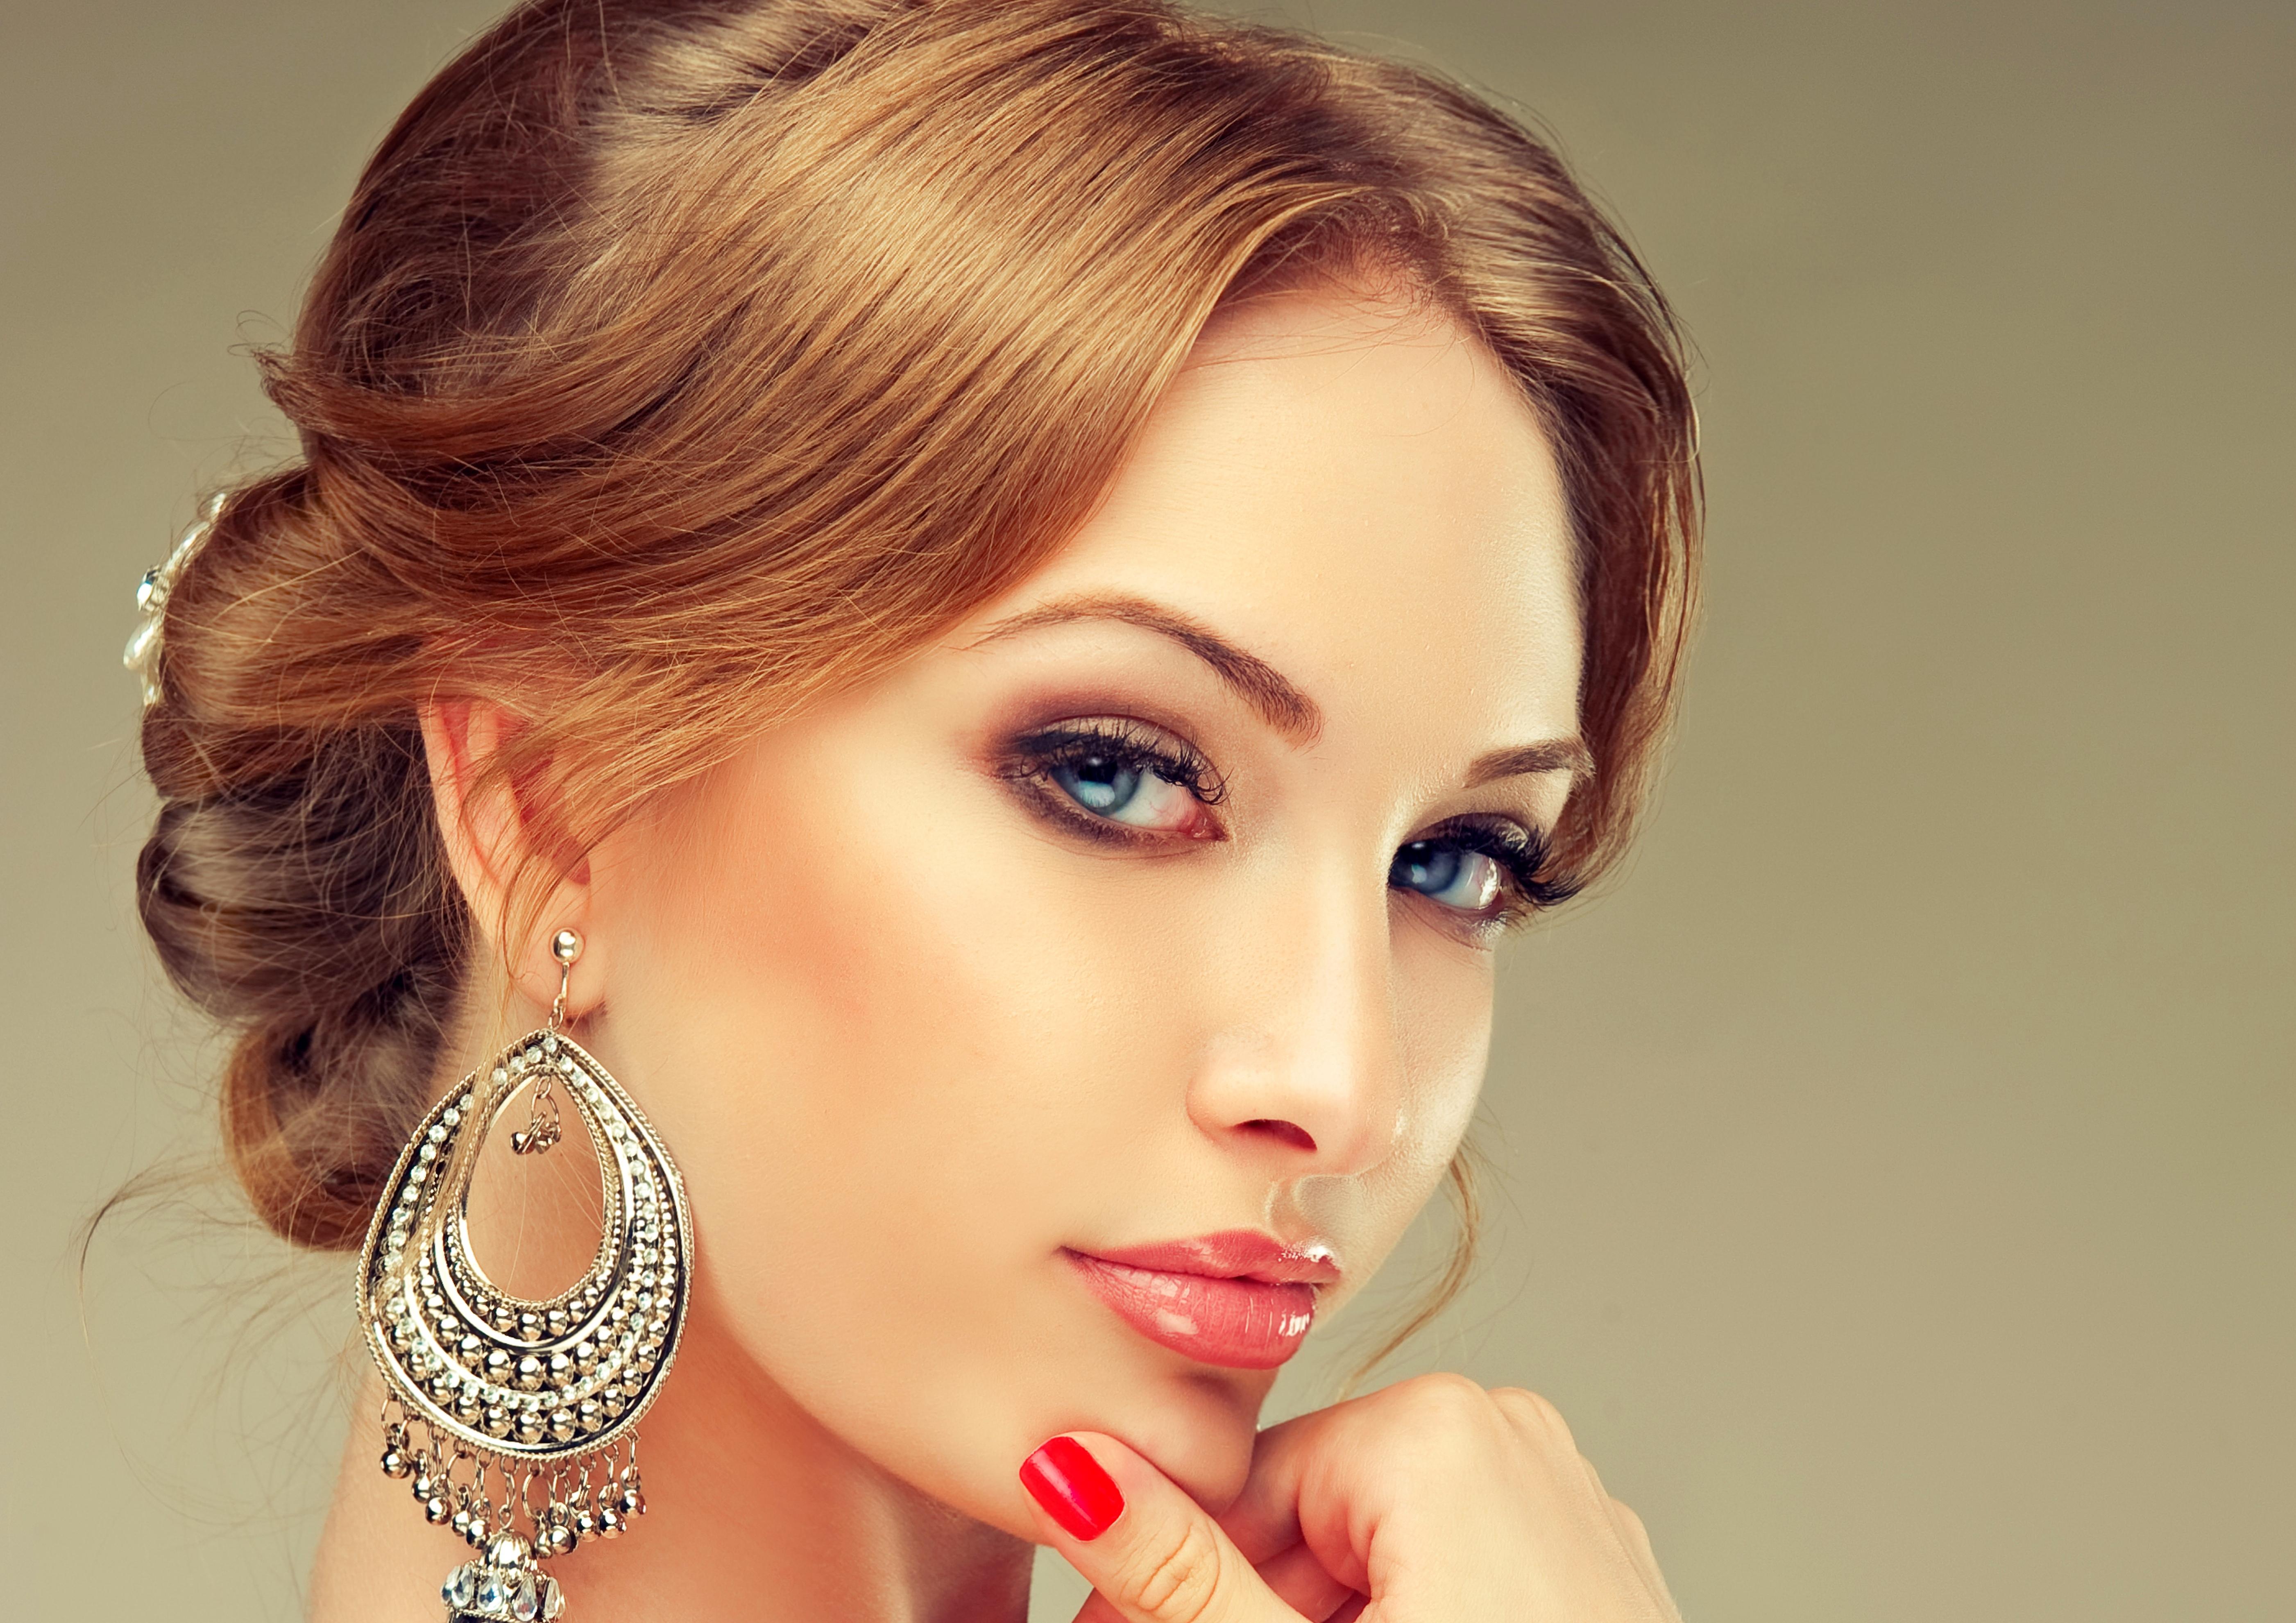 девушка глаза сережки  № 1816983 бесплатно